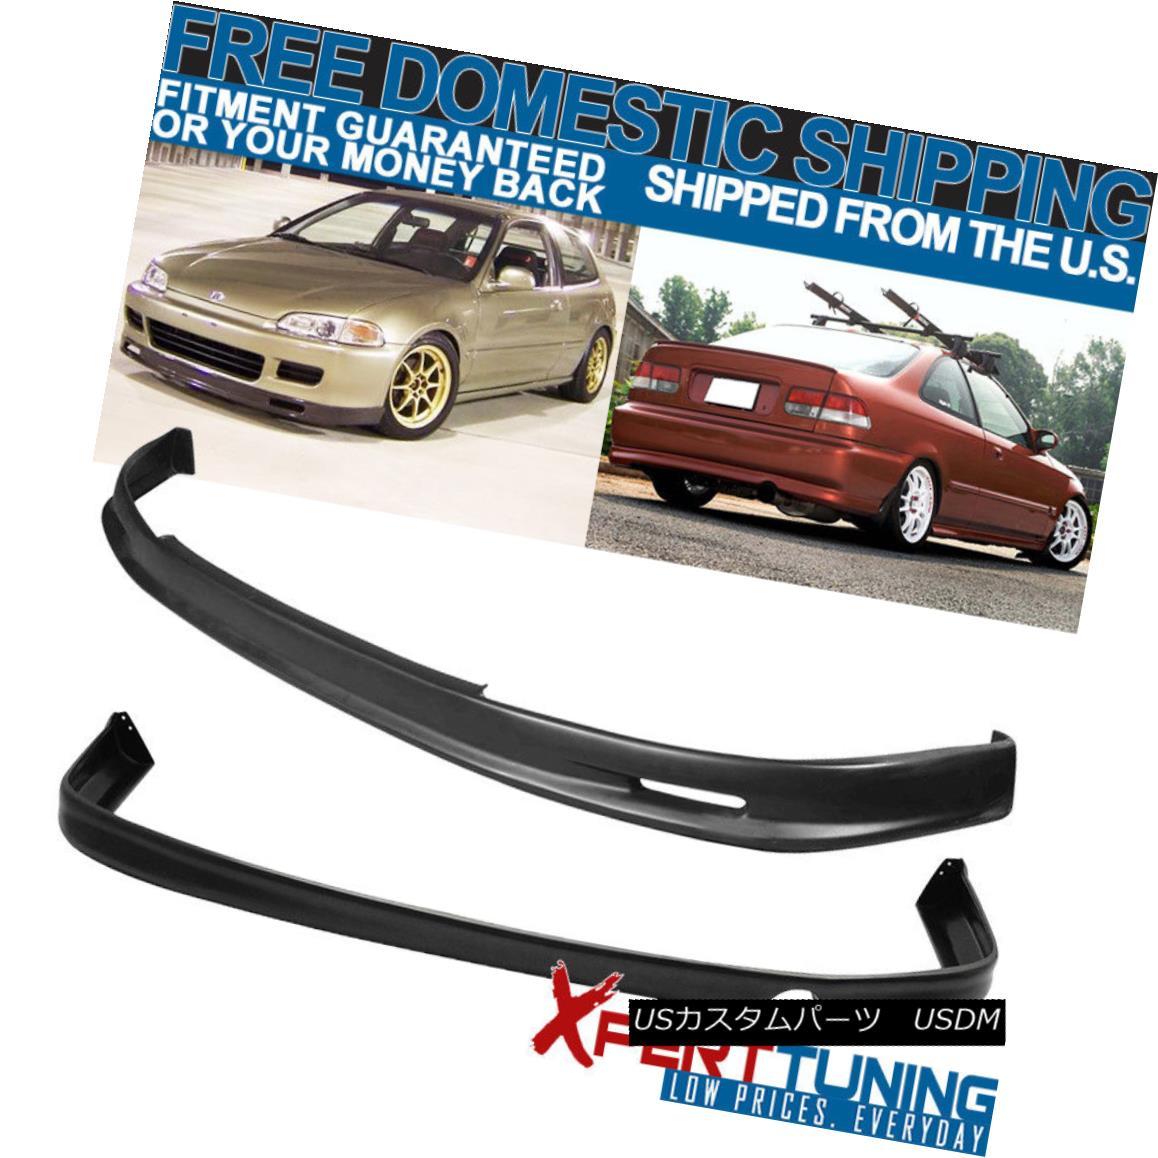 エアロパーツ Fits 1992-1995 Honda Civic EG Mugen Front + Rear Bumper Lip Spoiler PU 適合1992-1995ホンダシビックEGムゲンフロント+リアバンパーリップスポイラーPU